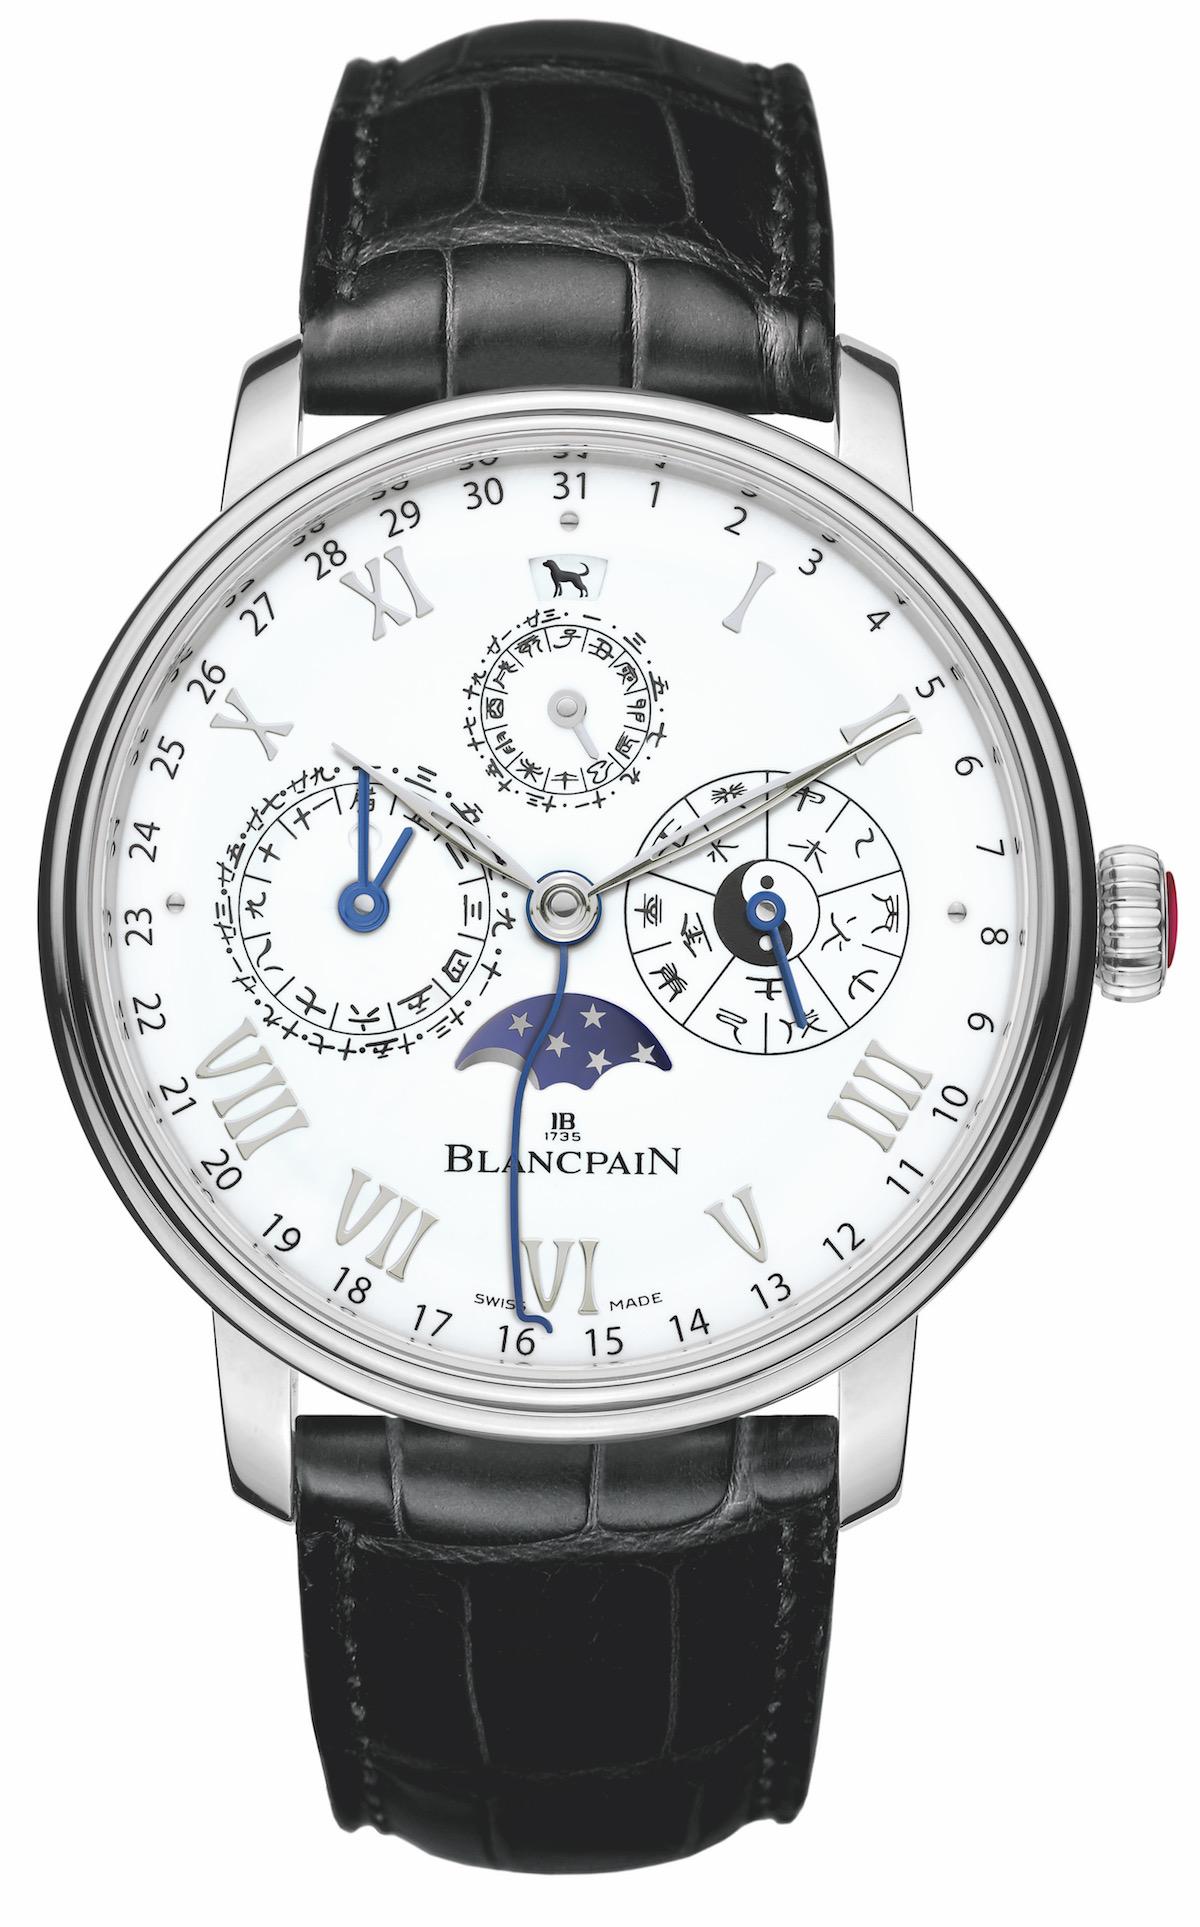 blancpain schweizer luxusuhren schweiz modelle neuheiten herrenuhren uhren herren limitiert limitierte armbanduhren rotgold platin weißgold platingehäuse